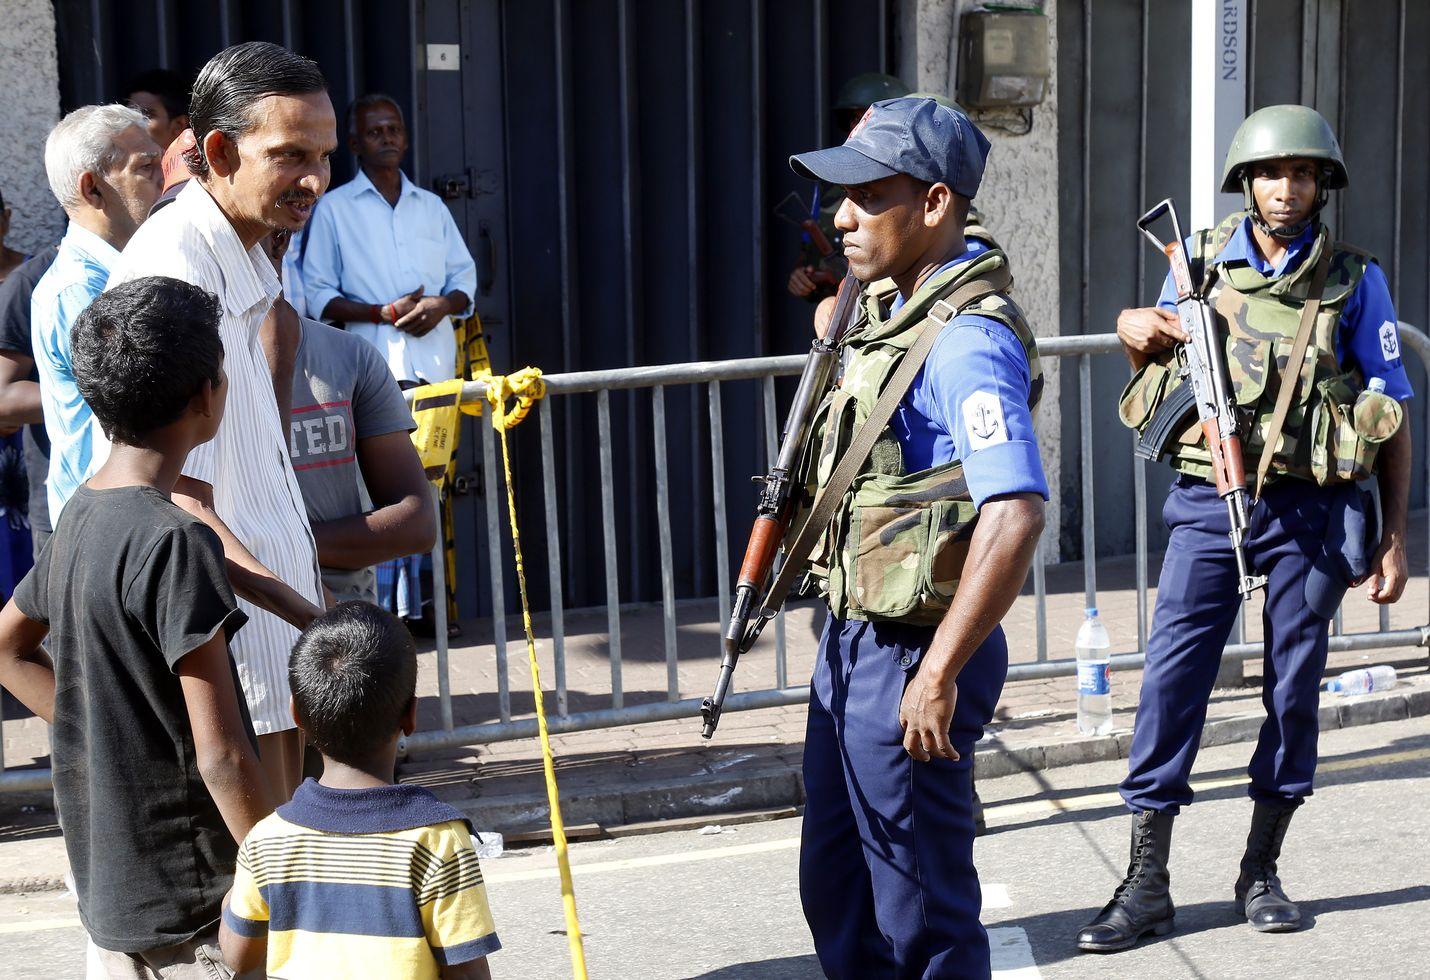 Sri Lankan ulkonaliikkumiskielto päättyi aikaisin maanantaiaamuna, mutta poliisi kontrolloi yhä laajoja alueita pääkaupunki Colombossa.